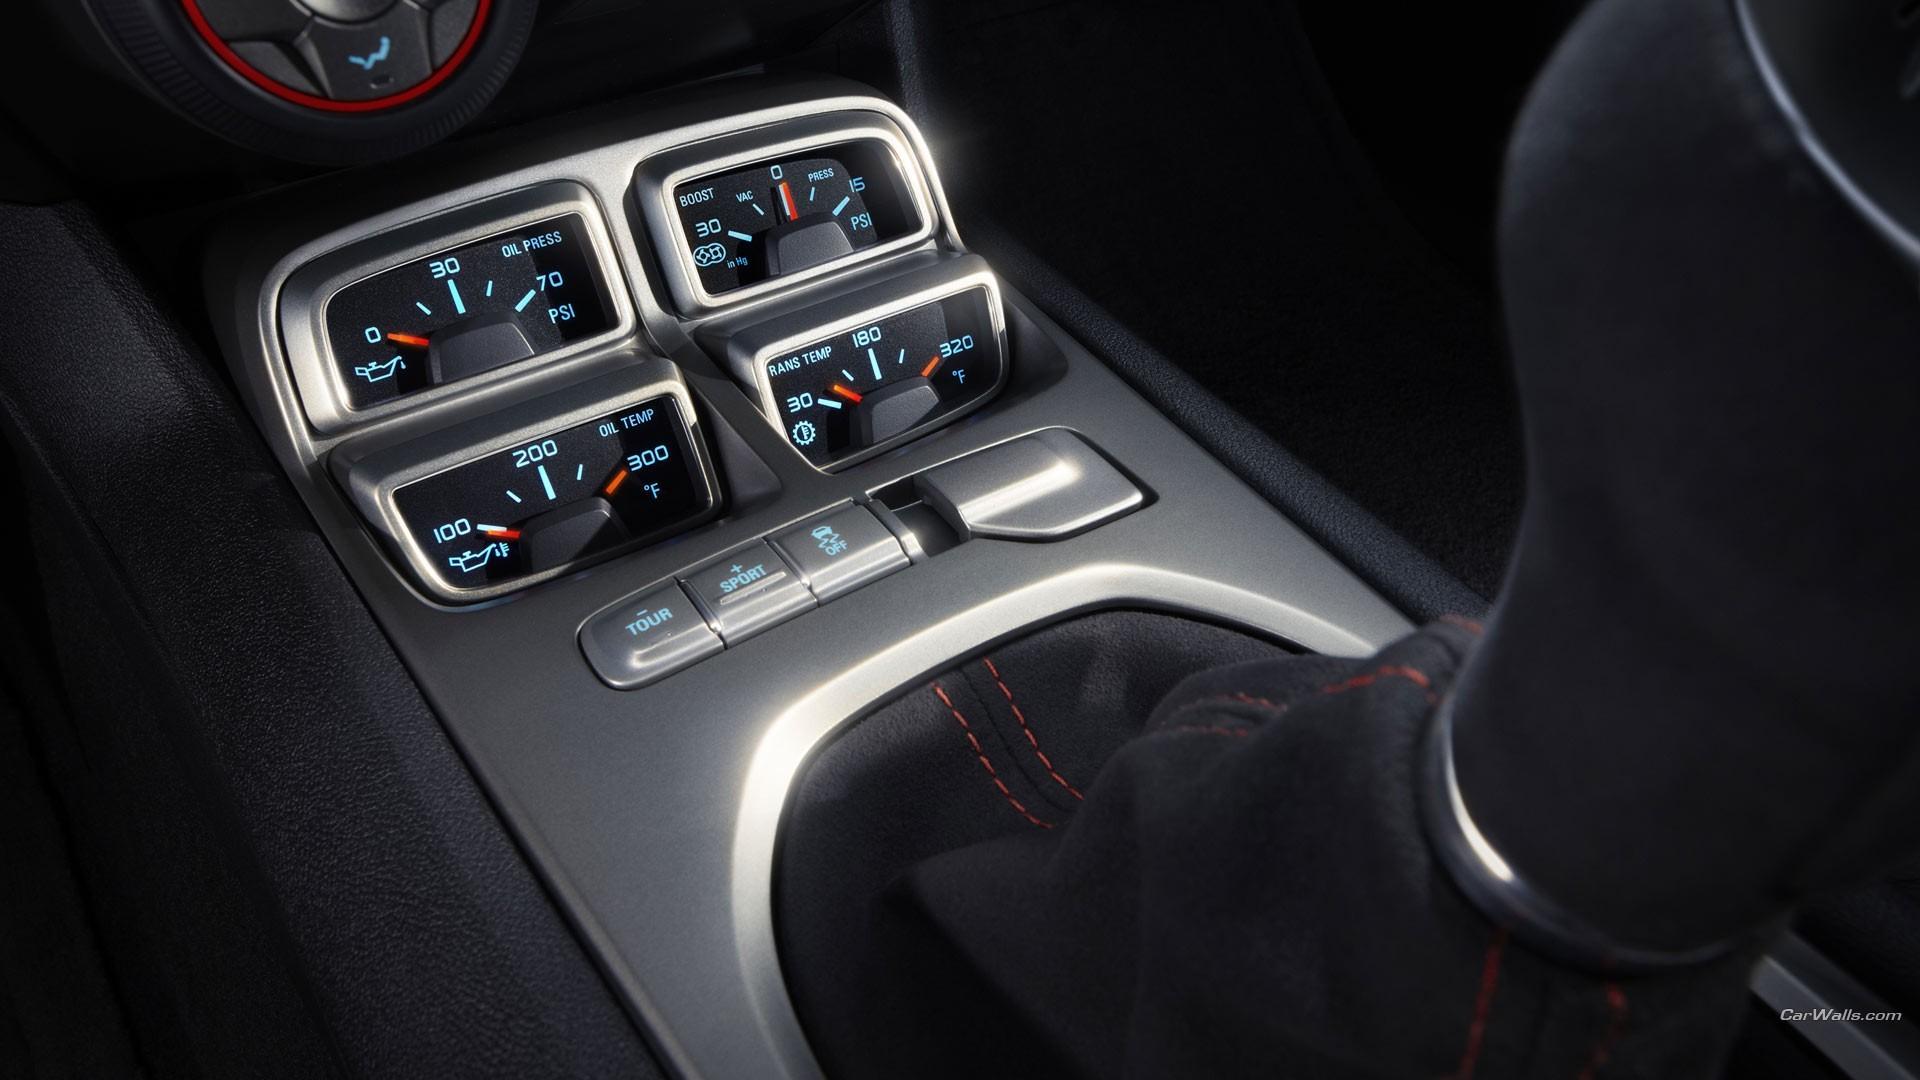 Wallpaper Closeup Car Interior Audi Sports Car Chevrolet